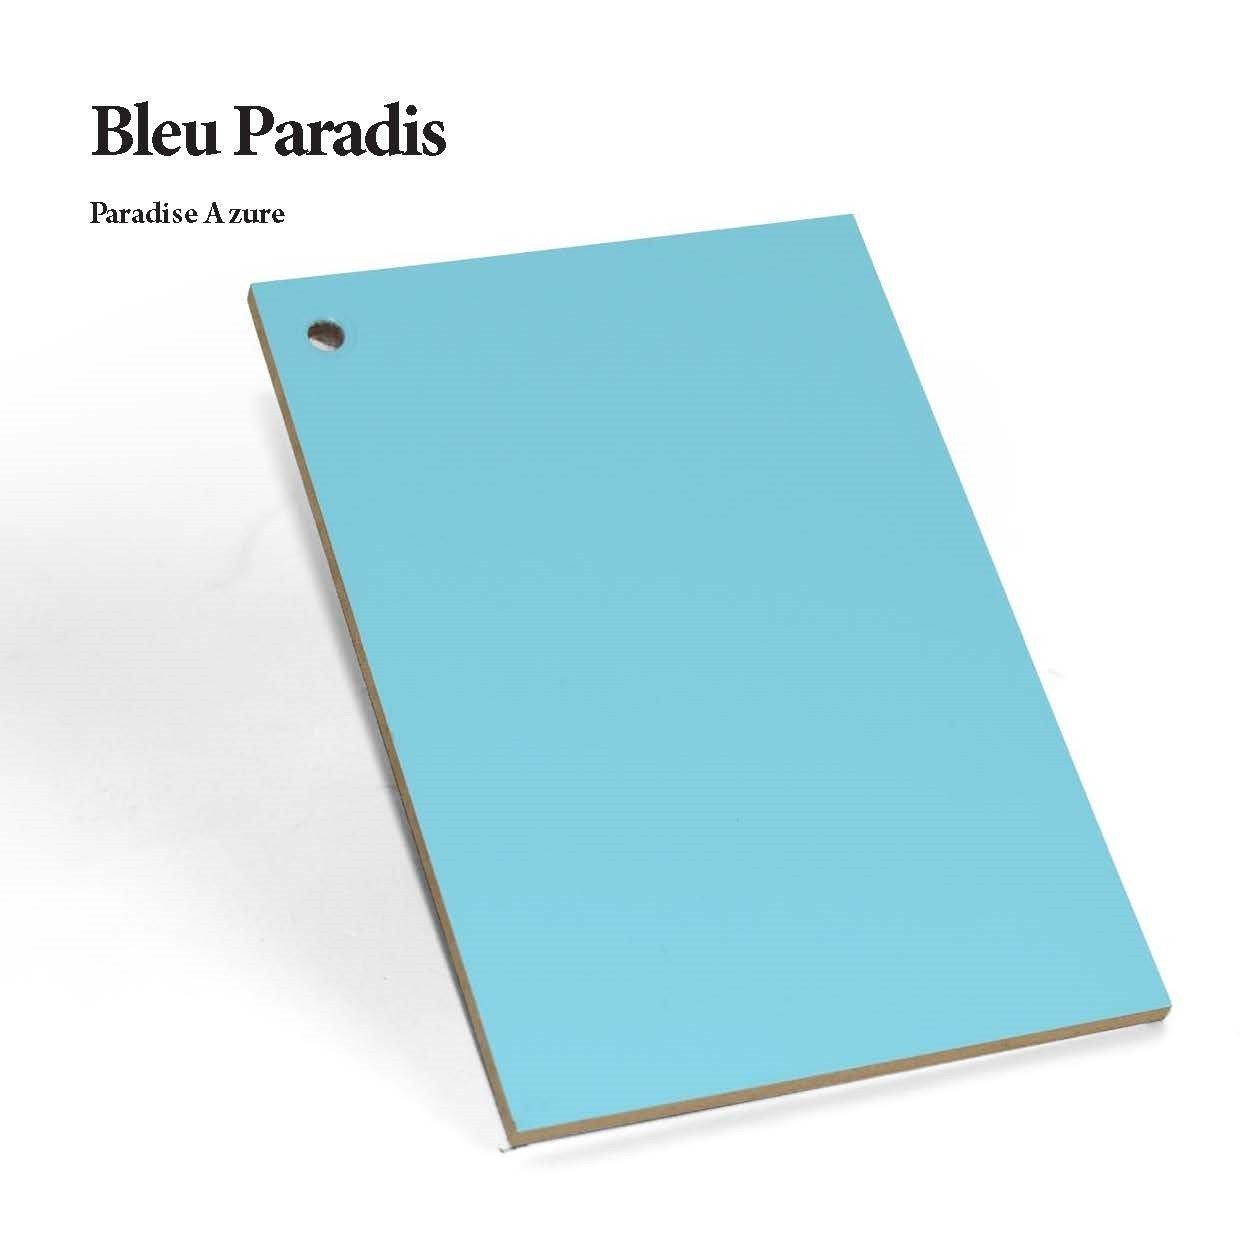 Bleu Paradis